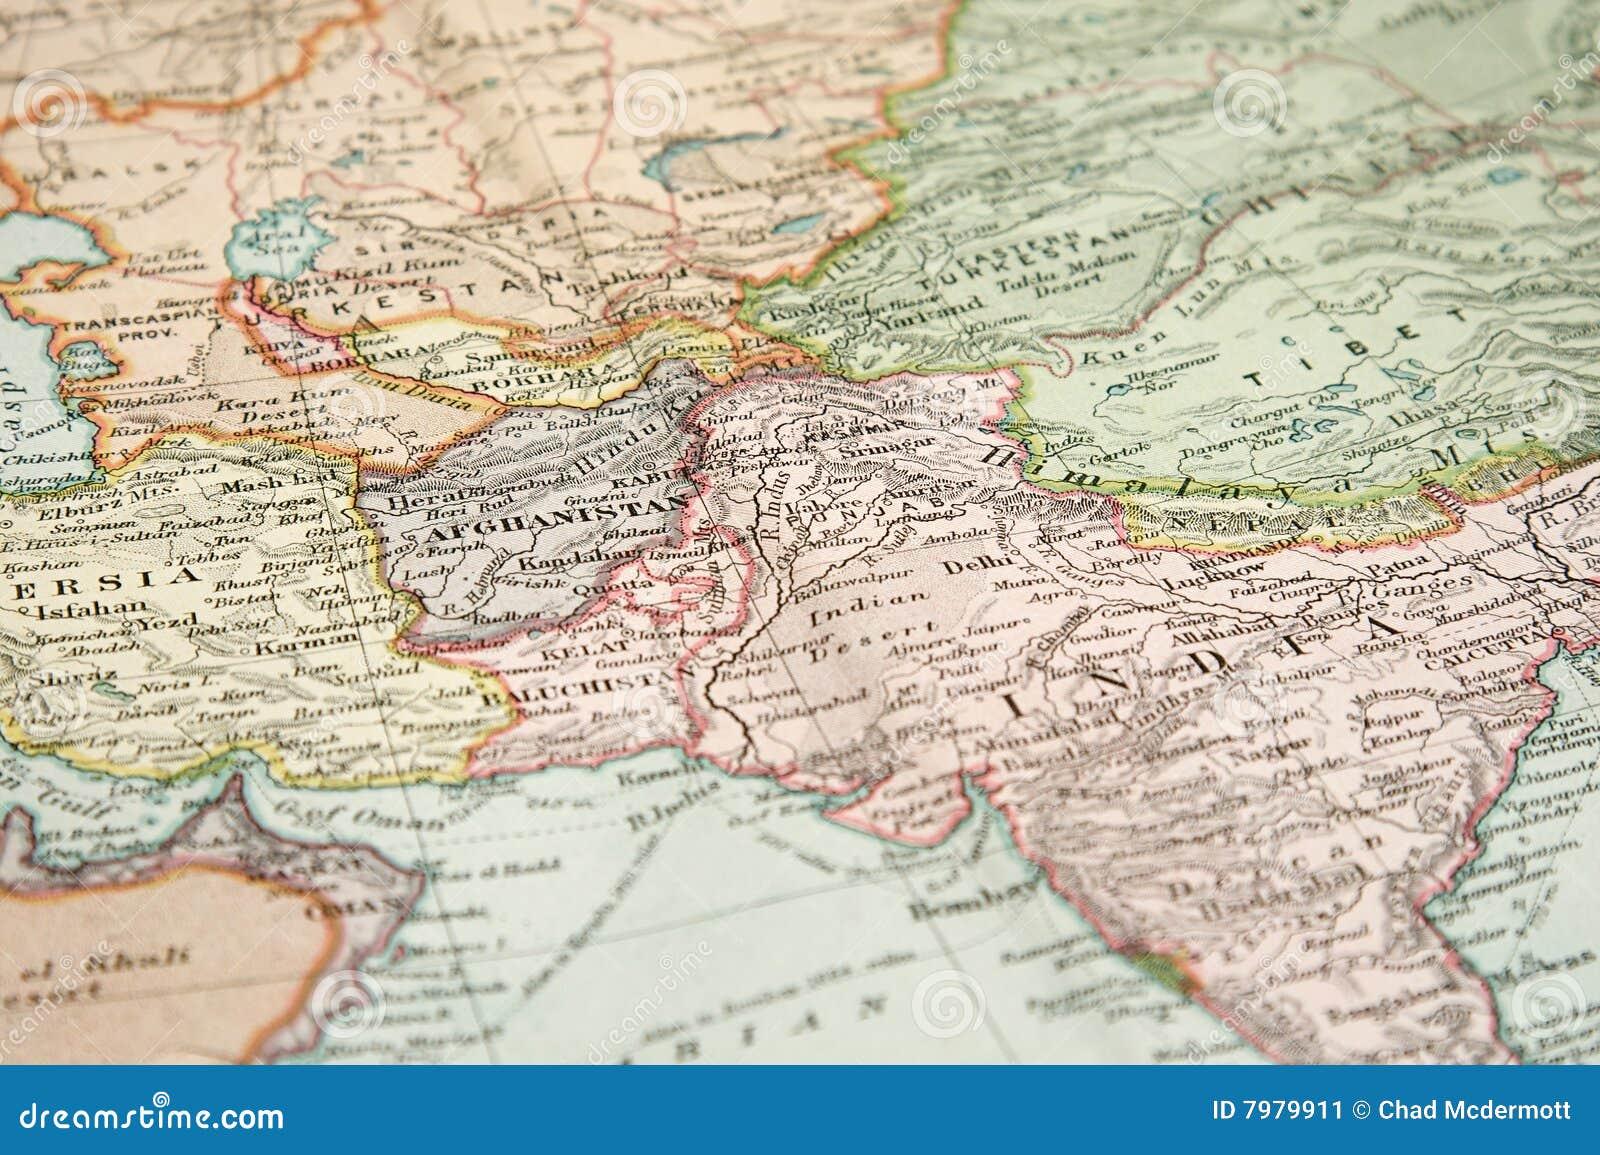 Persien Karte.Weinlese Karte Und Diagramm Stockbild Bild Von Persien Asien 7979911